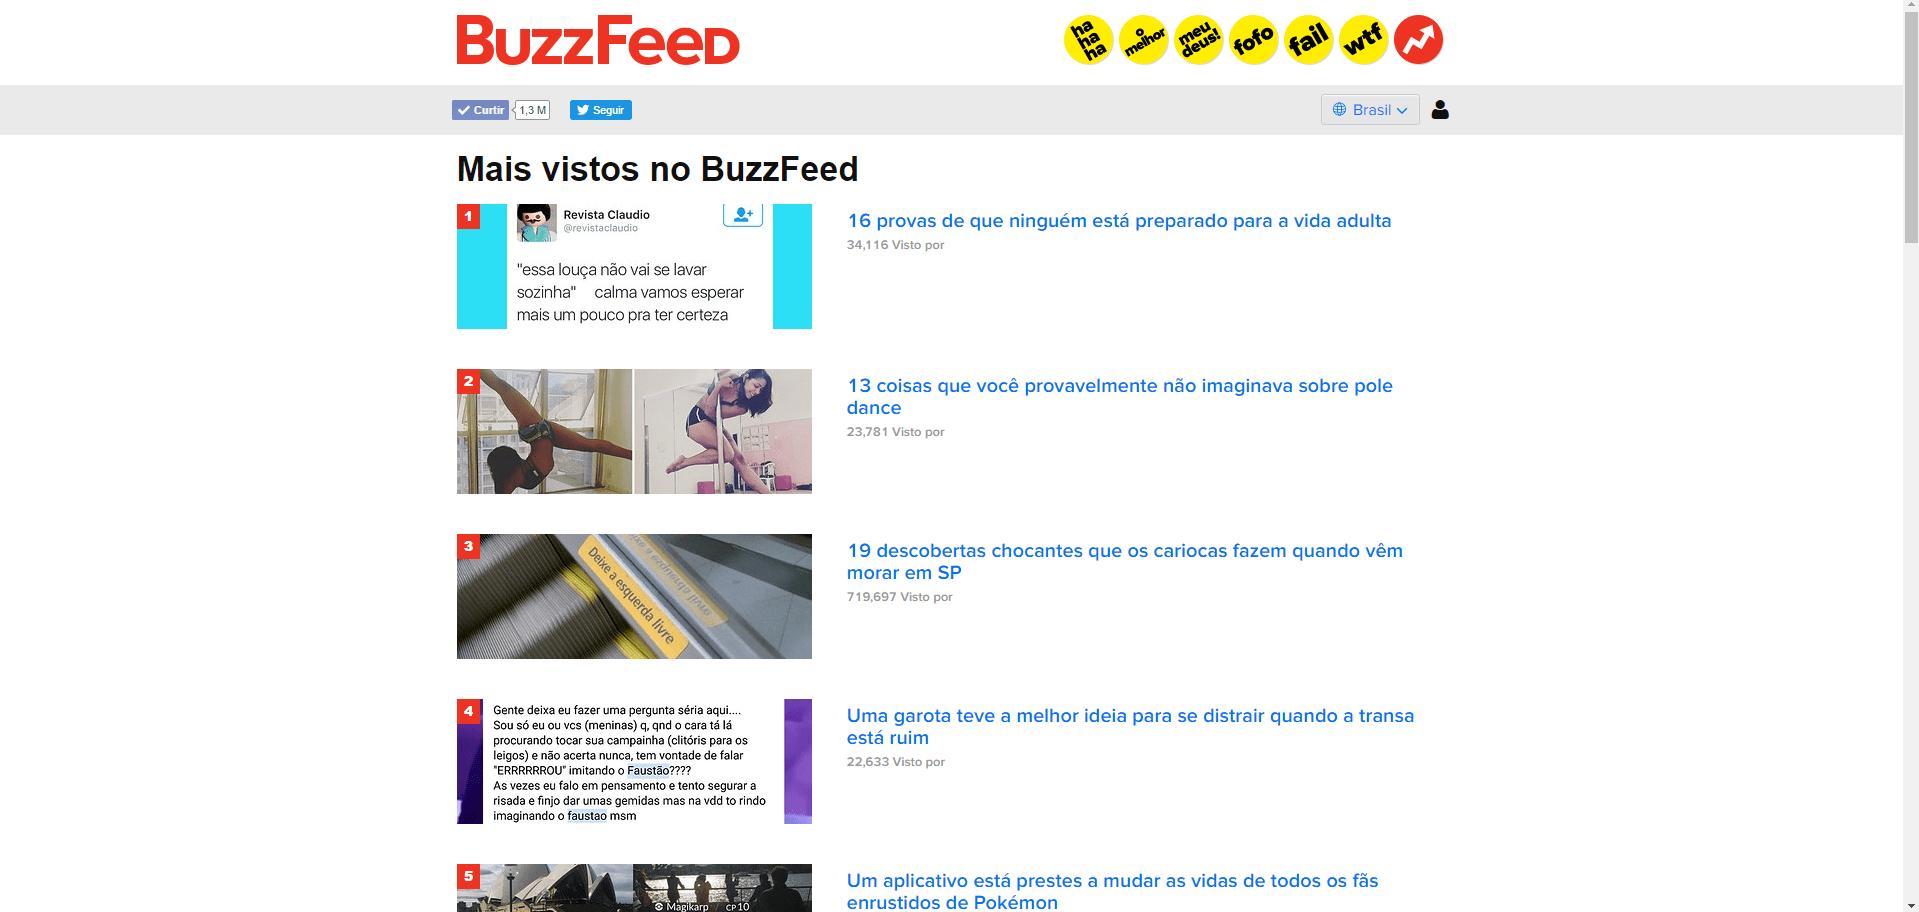 ferramentas gratuitas para saber os assuntos mais comentados da Internet